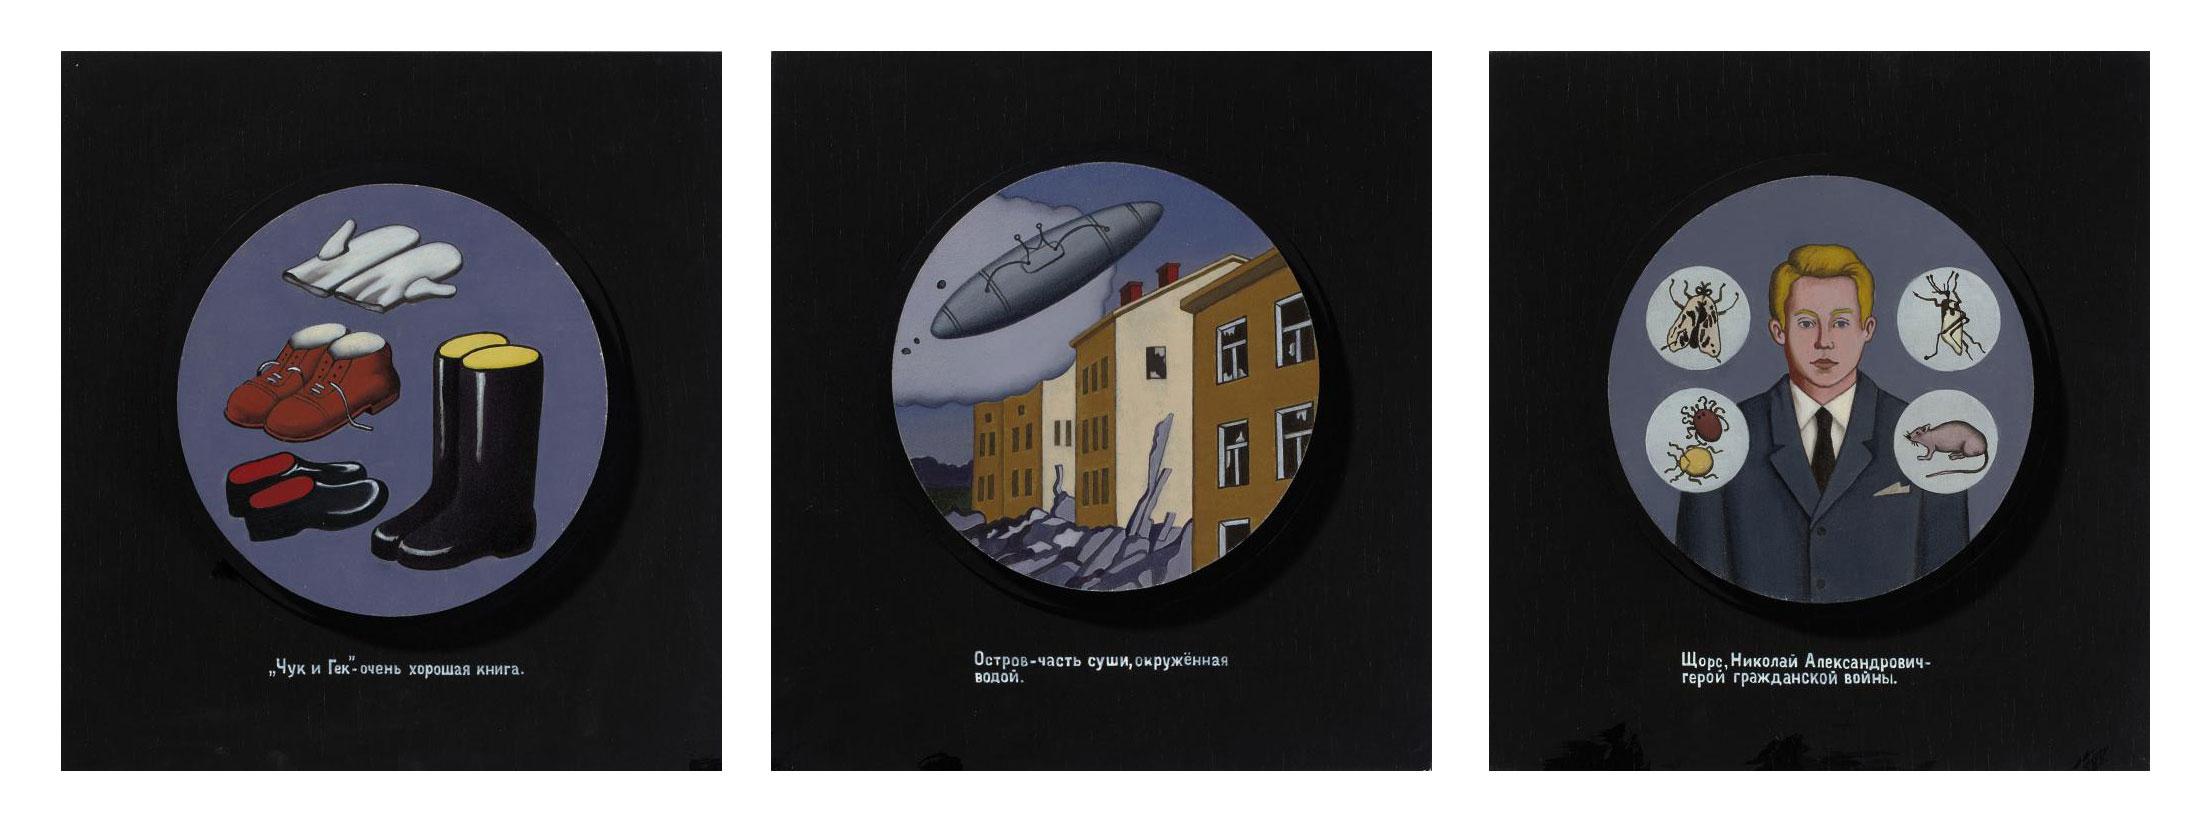 Azbuka triptych